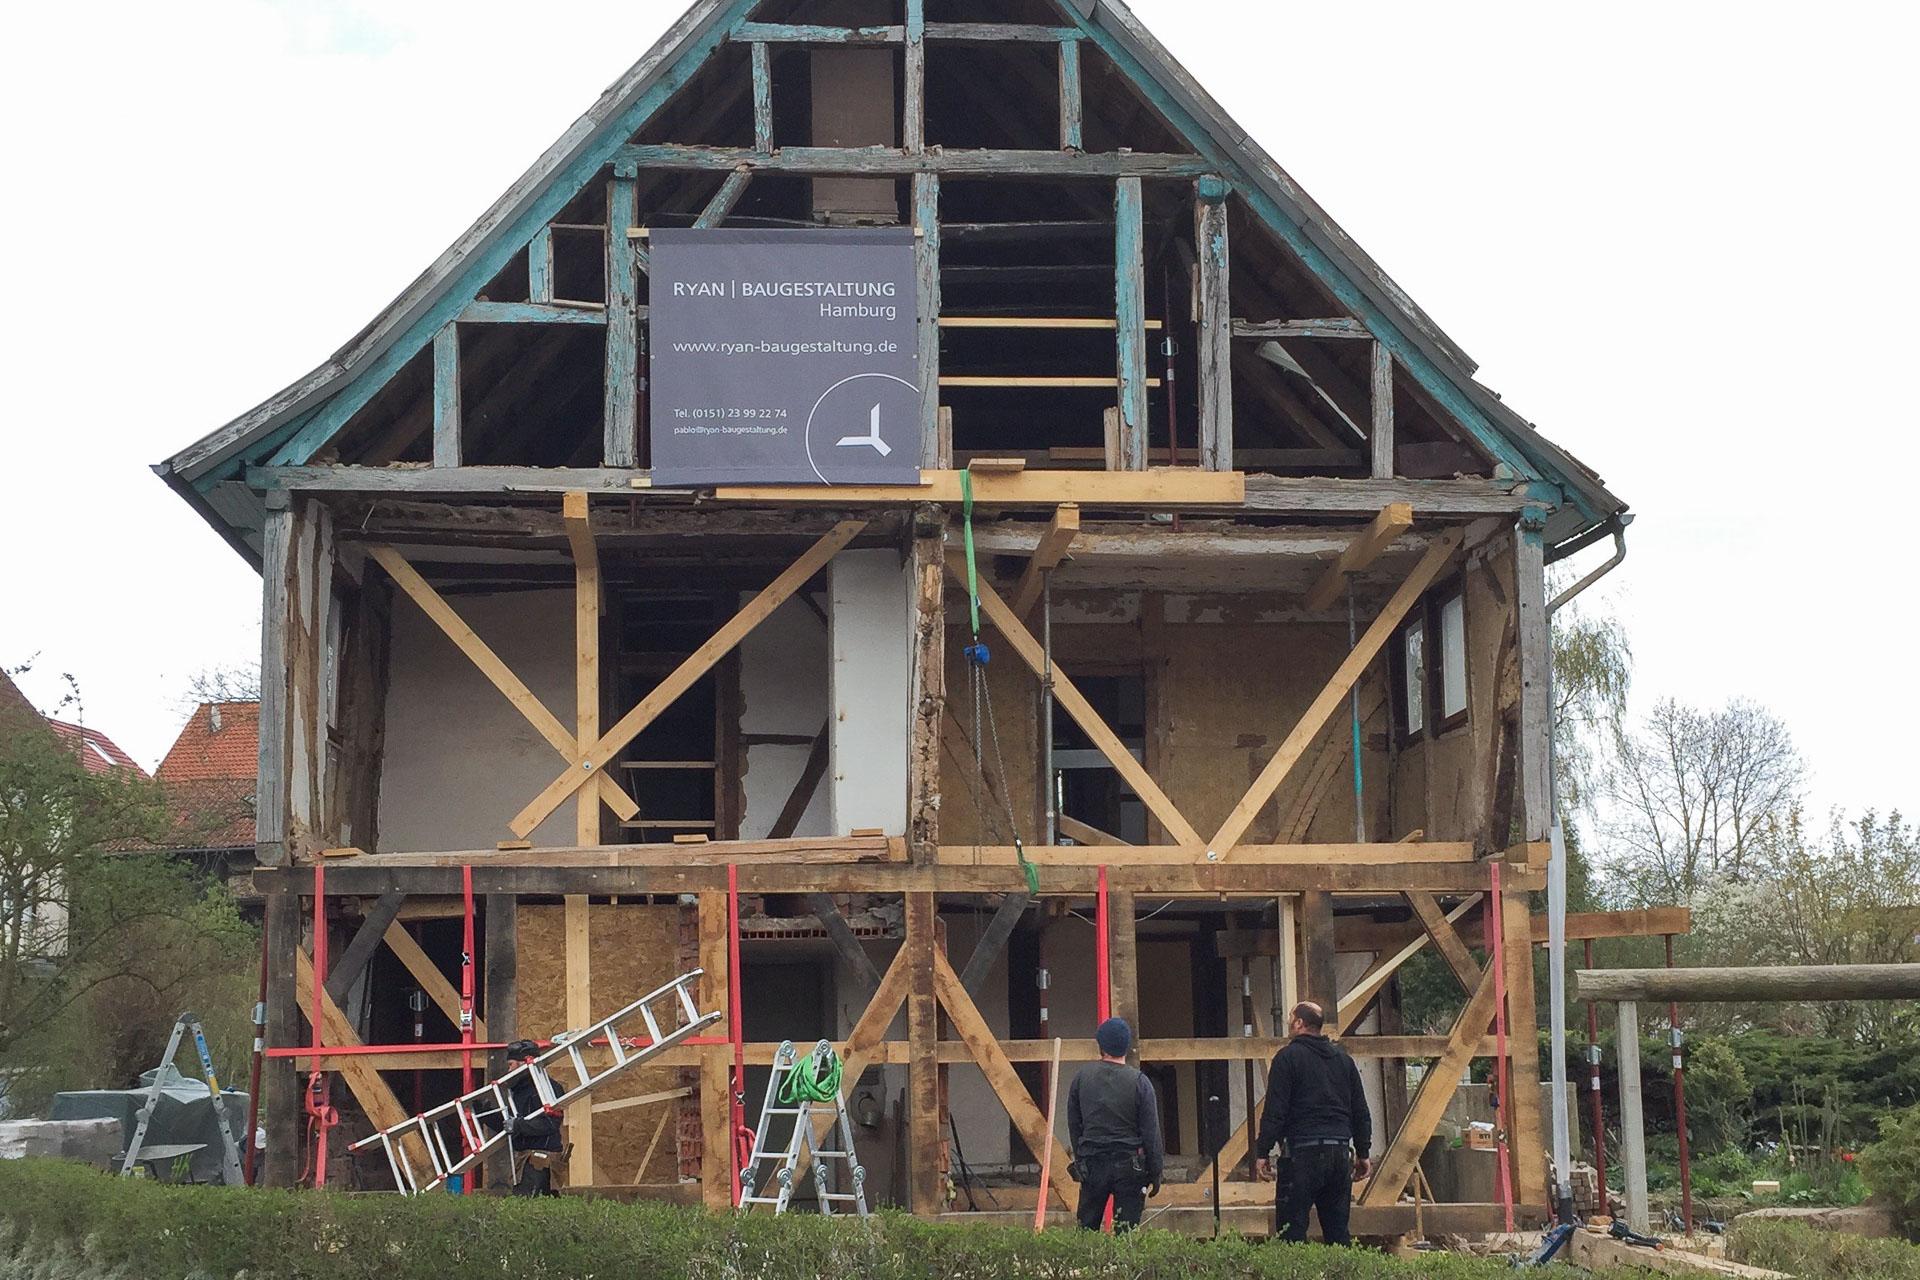 Foto Ryan Baugestaltung Fachwerkhaus Goettingen Baustelle komplette Sanierung